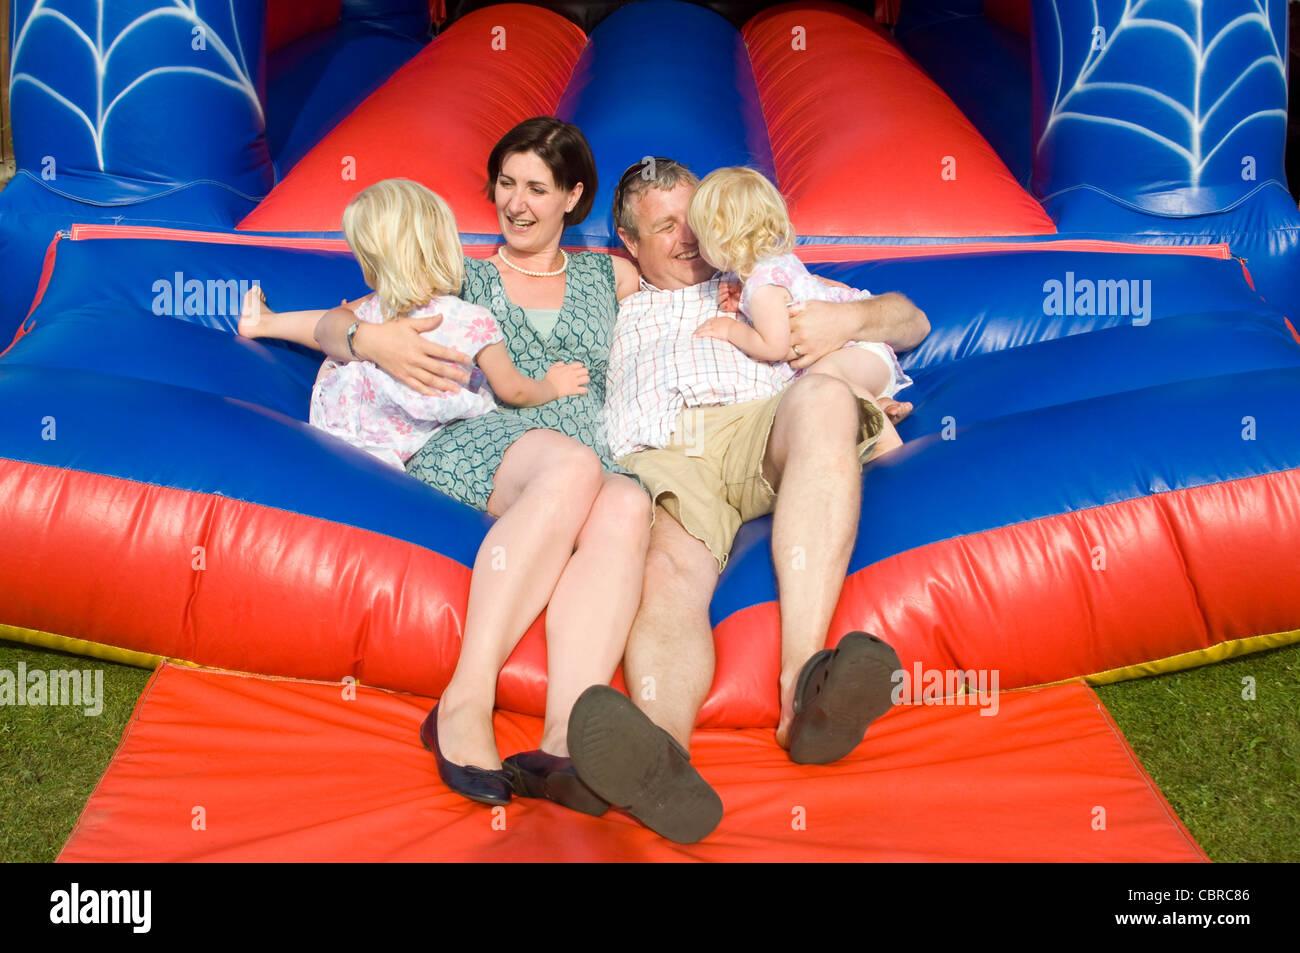 Horizontale informellen Familienfoto mit Mama, Papa und zwei kleine Töchter, die alle spielen auf eine Hüpfburg Stockbild